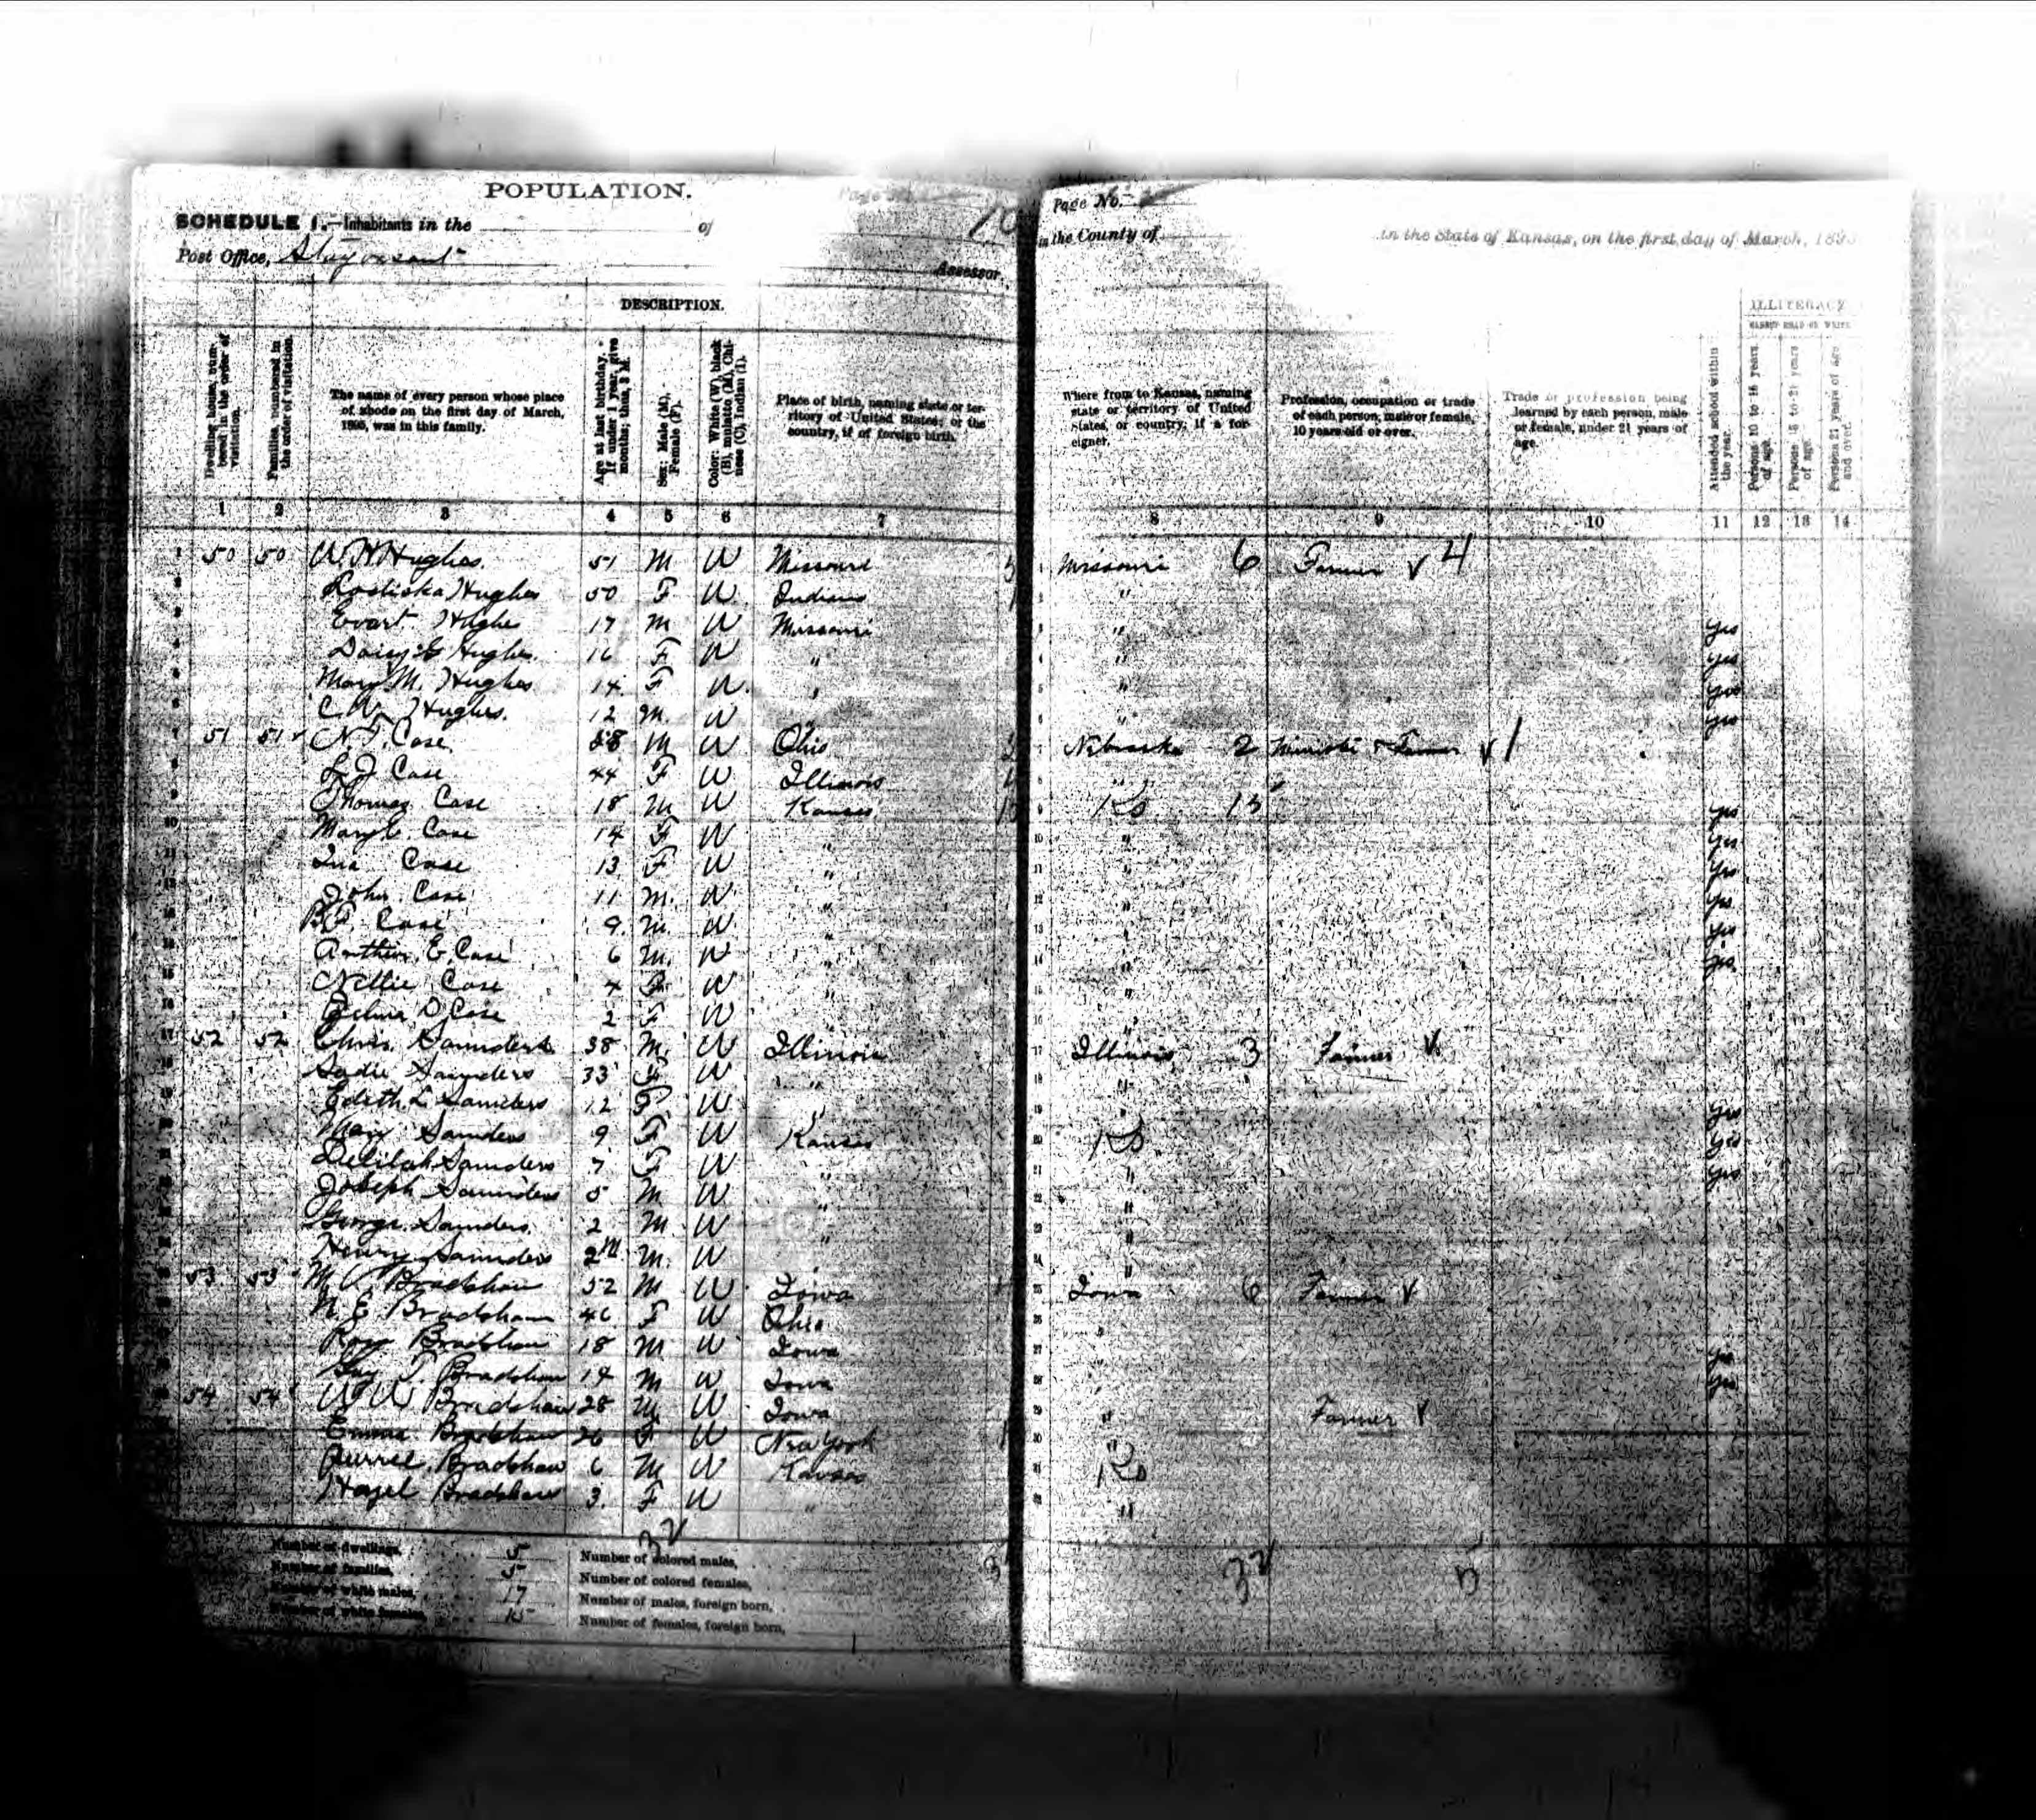 Eunice Johnson Kansas City Kansas State Census Collection